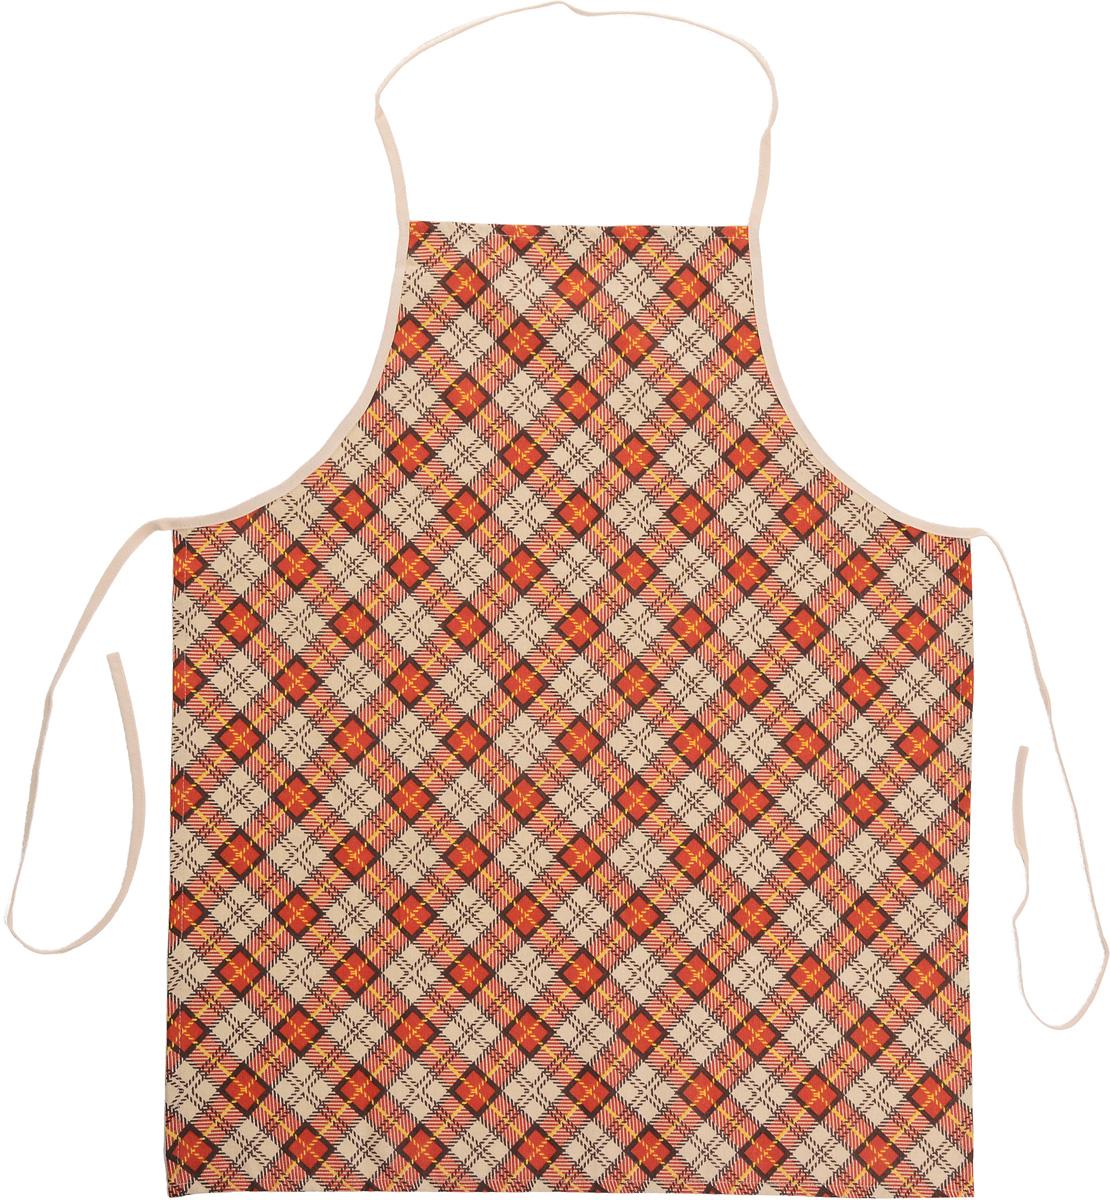 Фартук Bonita Принц Уэльский, 56 х 67 см14010816395Фартук Bonita Принц Уэльский изготовлен из натурального хлопка с покрытием, которое отталкивает грязь, воду и масло. Фартук оснащен завязками. Имеет универсальный размер. Декорирован красивым принтом в клетку, который понравится любой хозяйке.Такой фартук поможет вам избежать попадания еды на одежду во время приготовления пищи. Кухня - это сердце дома, где вся семья собирается вместе. Она бережно хранит и поддерживает жизнь домашнего очага, который нас согревает. Именно поэтому так важно создать здесь атмосферу, которая не только возбудит аппетит, но и наполнит жизненной энергией. С текстилем Bonita открывается возможность не только каждый день дарить кухне новый облик, но и создавать настоящие кулинарные шедевры. Bonita станет незаменимым помощником и идейным вдохновителем, создающим вкусное настроение на вашей кухне.